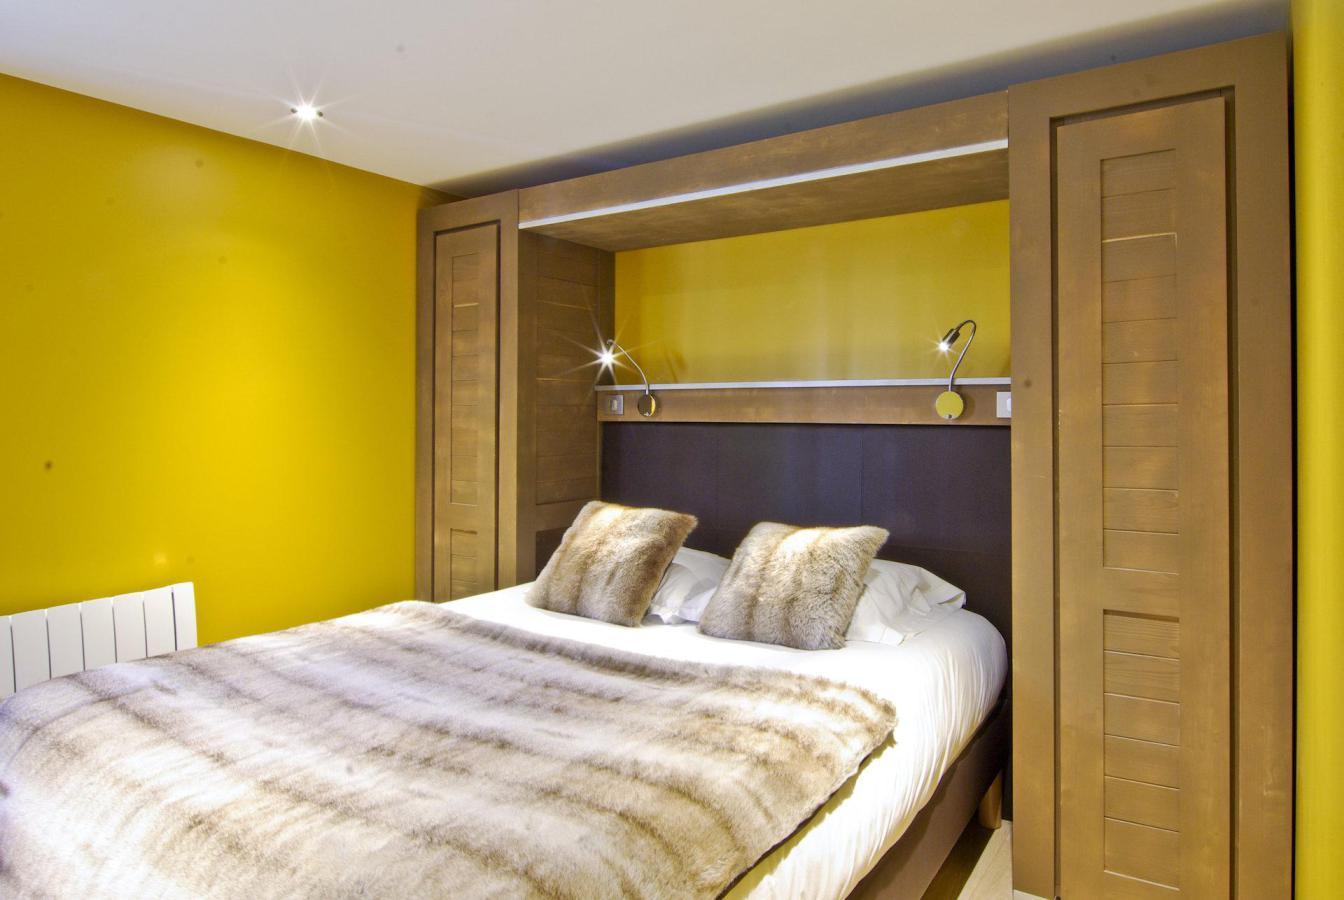 Location au ski Appartement 4 pièces 8 personnes - Residence Espace Montagne - Chamonix - Salle de bains